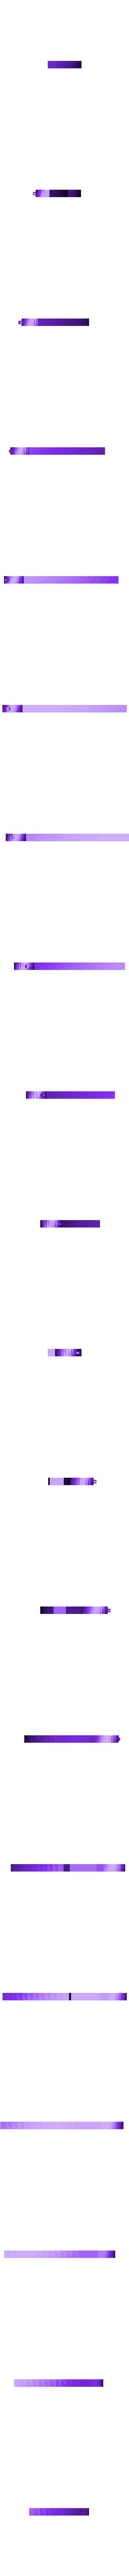 Claw.stl Télécharger fichier STL gratuit Épée à griffes Skyward • Plan à imprimer en 3D, Hoofbaugh